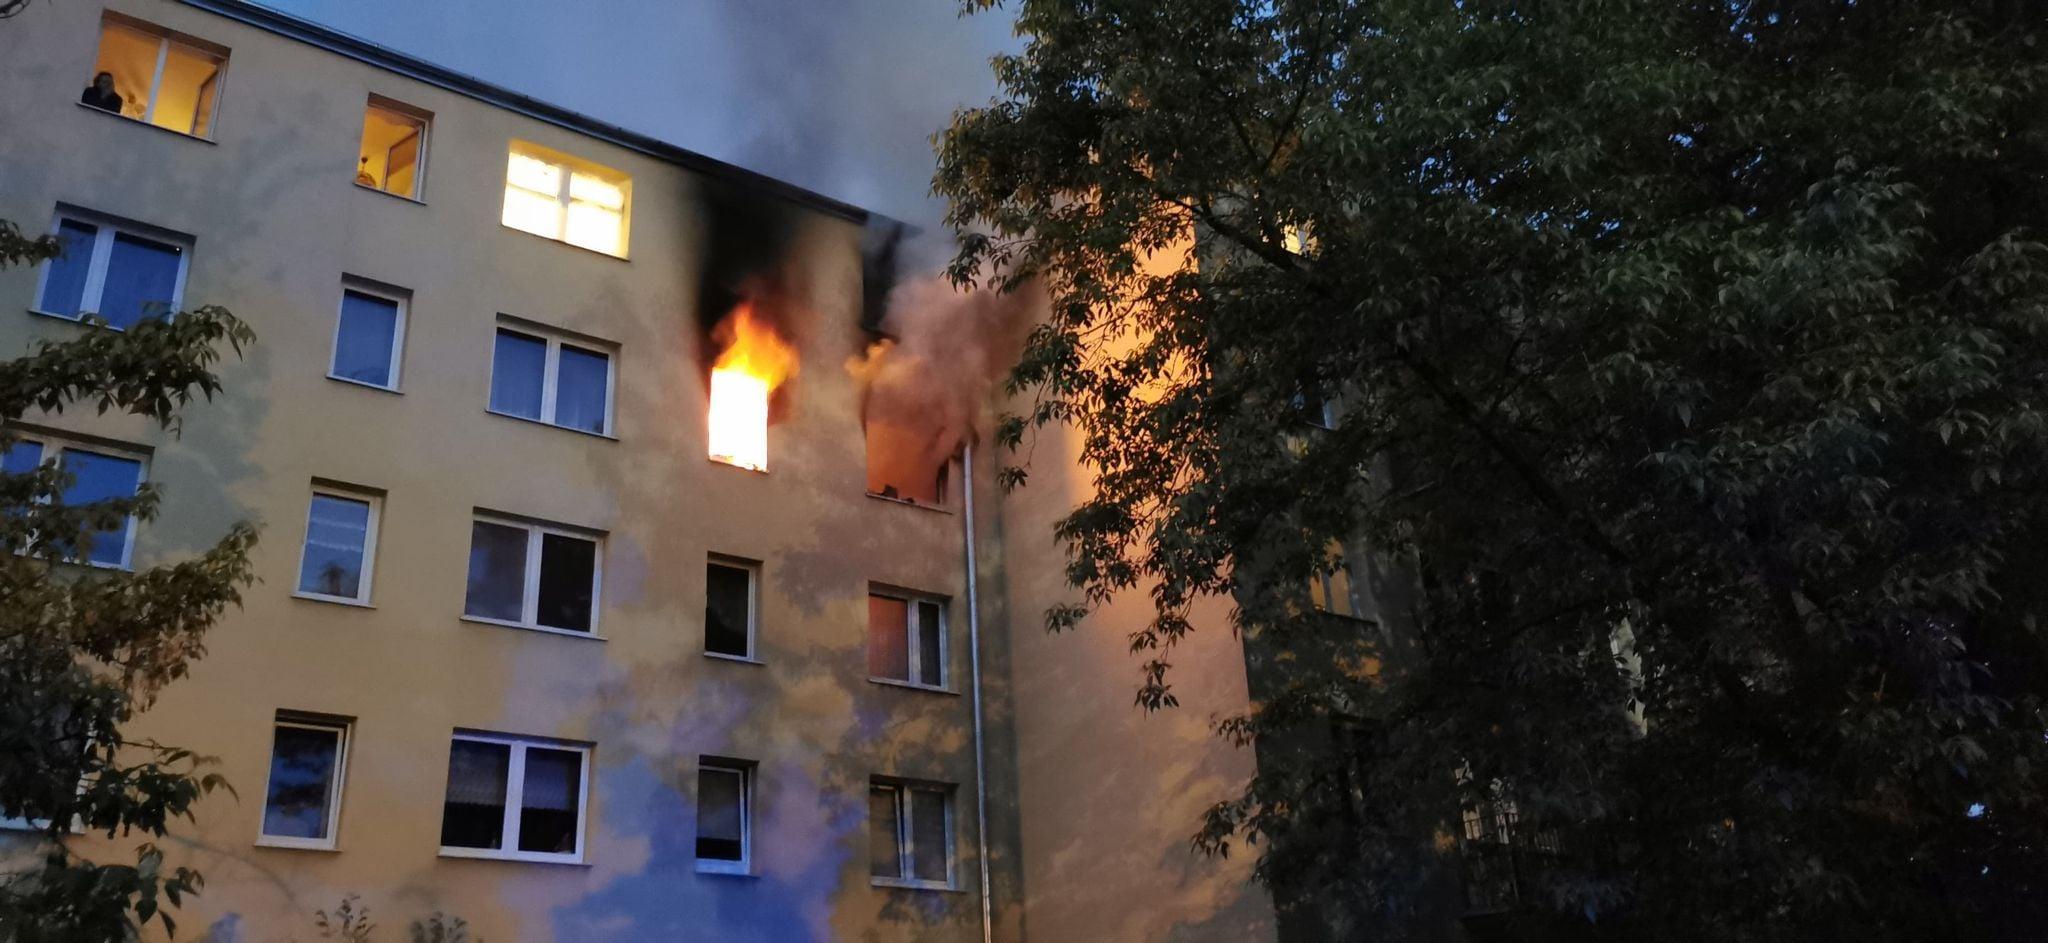 Trwa zbiórka na pomoc ofiarom pożaru w Pruszkowie.